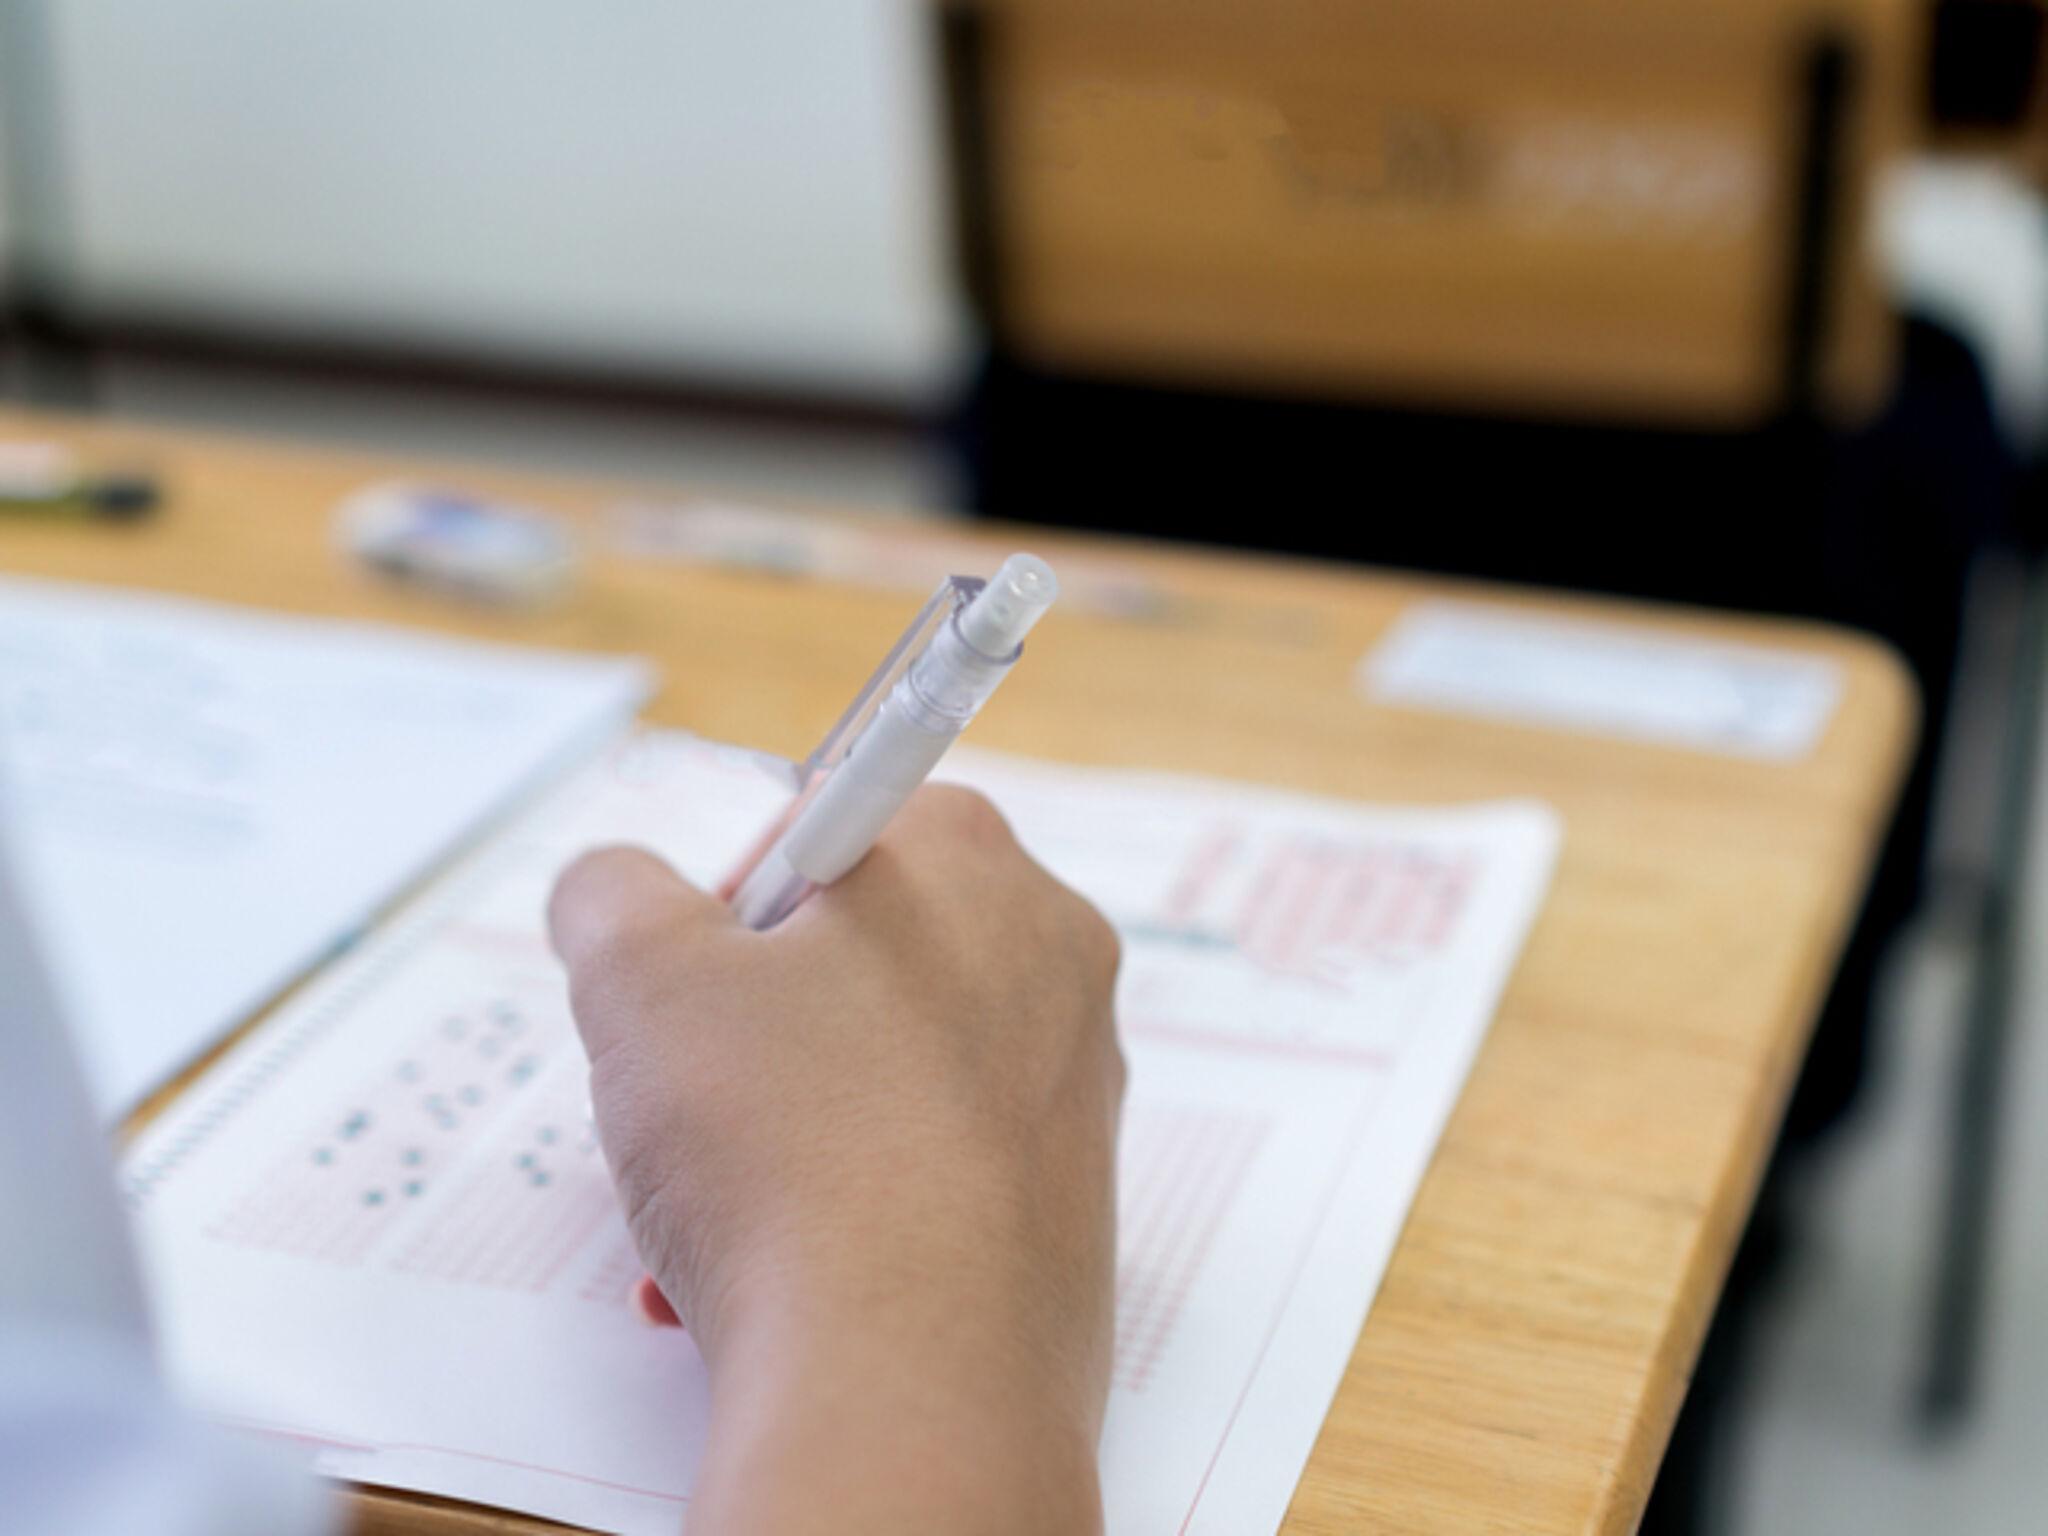 問題を解いている高校生の手のアップの画像